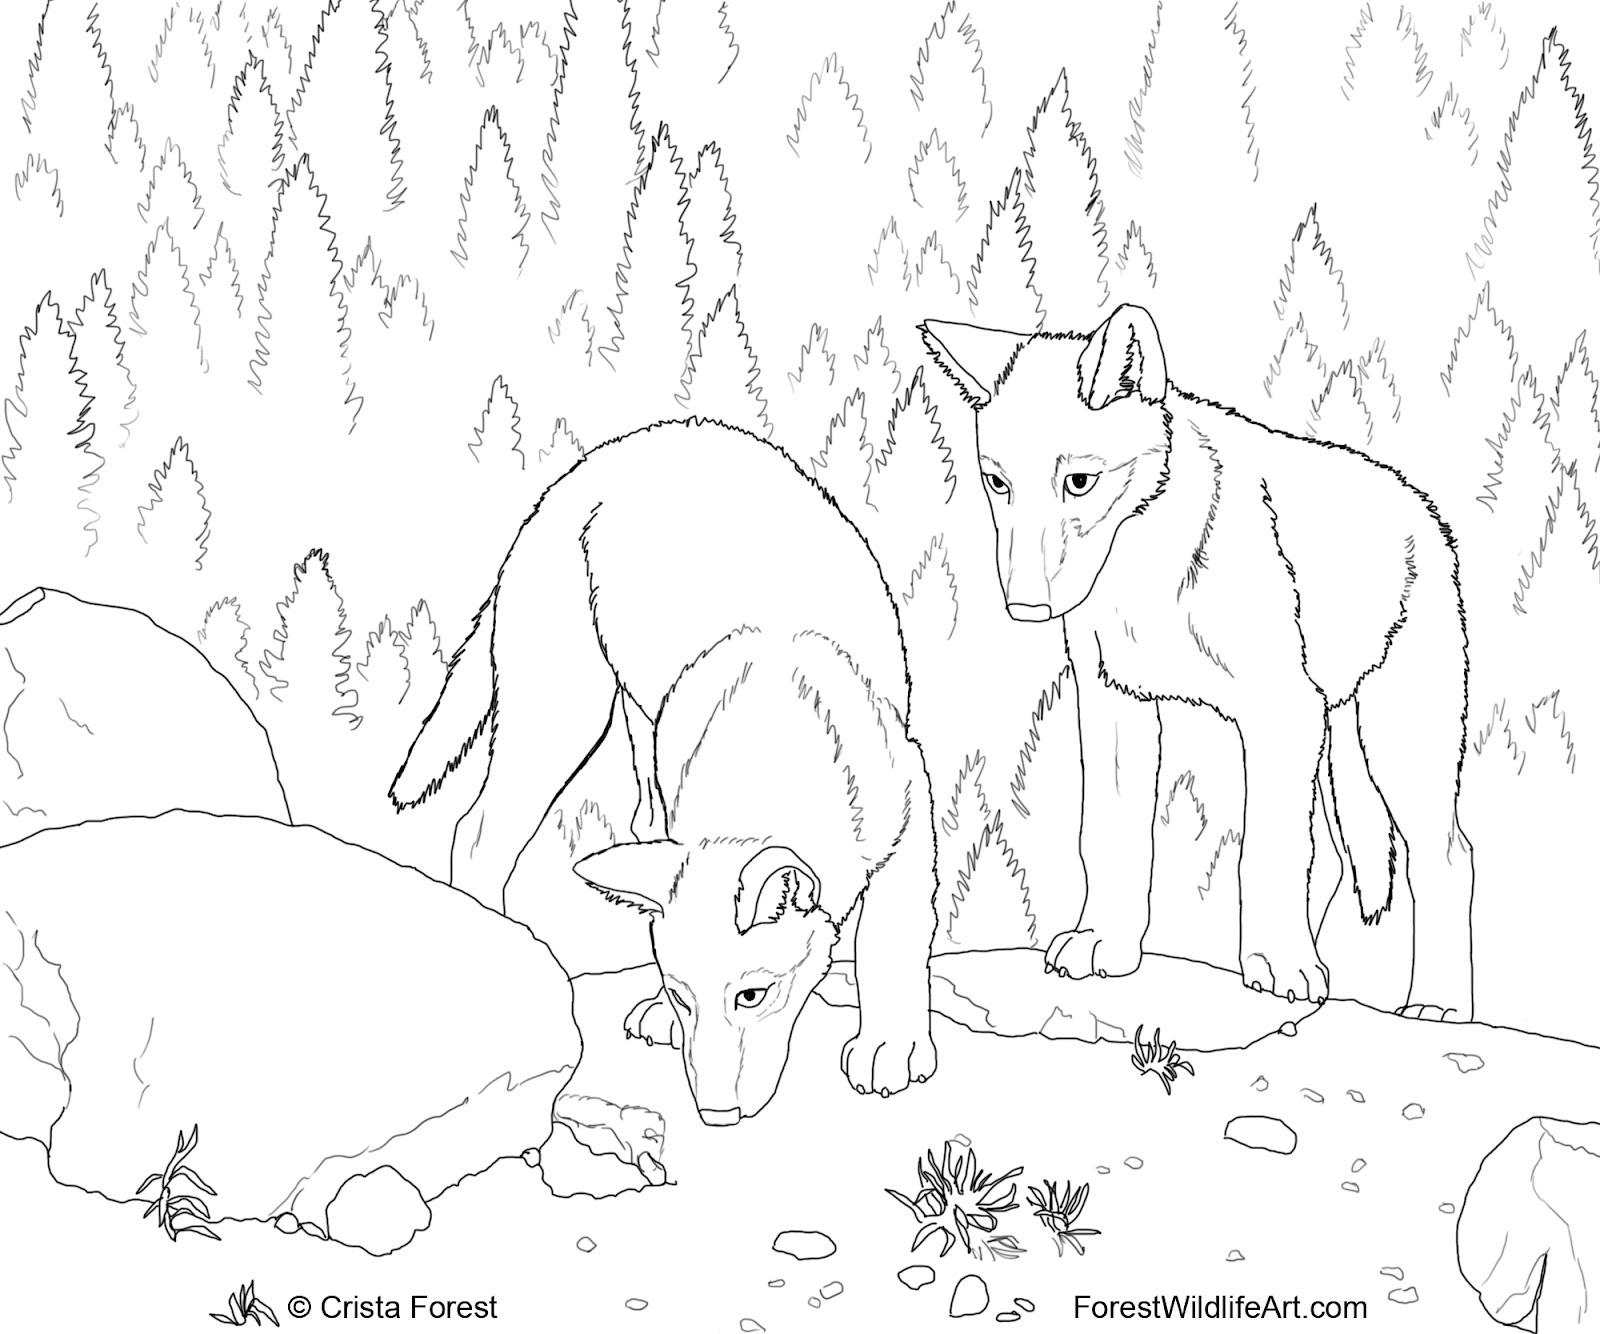 Crista Forest's Animals & Art 1000/100/1002   100/100/1002